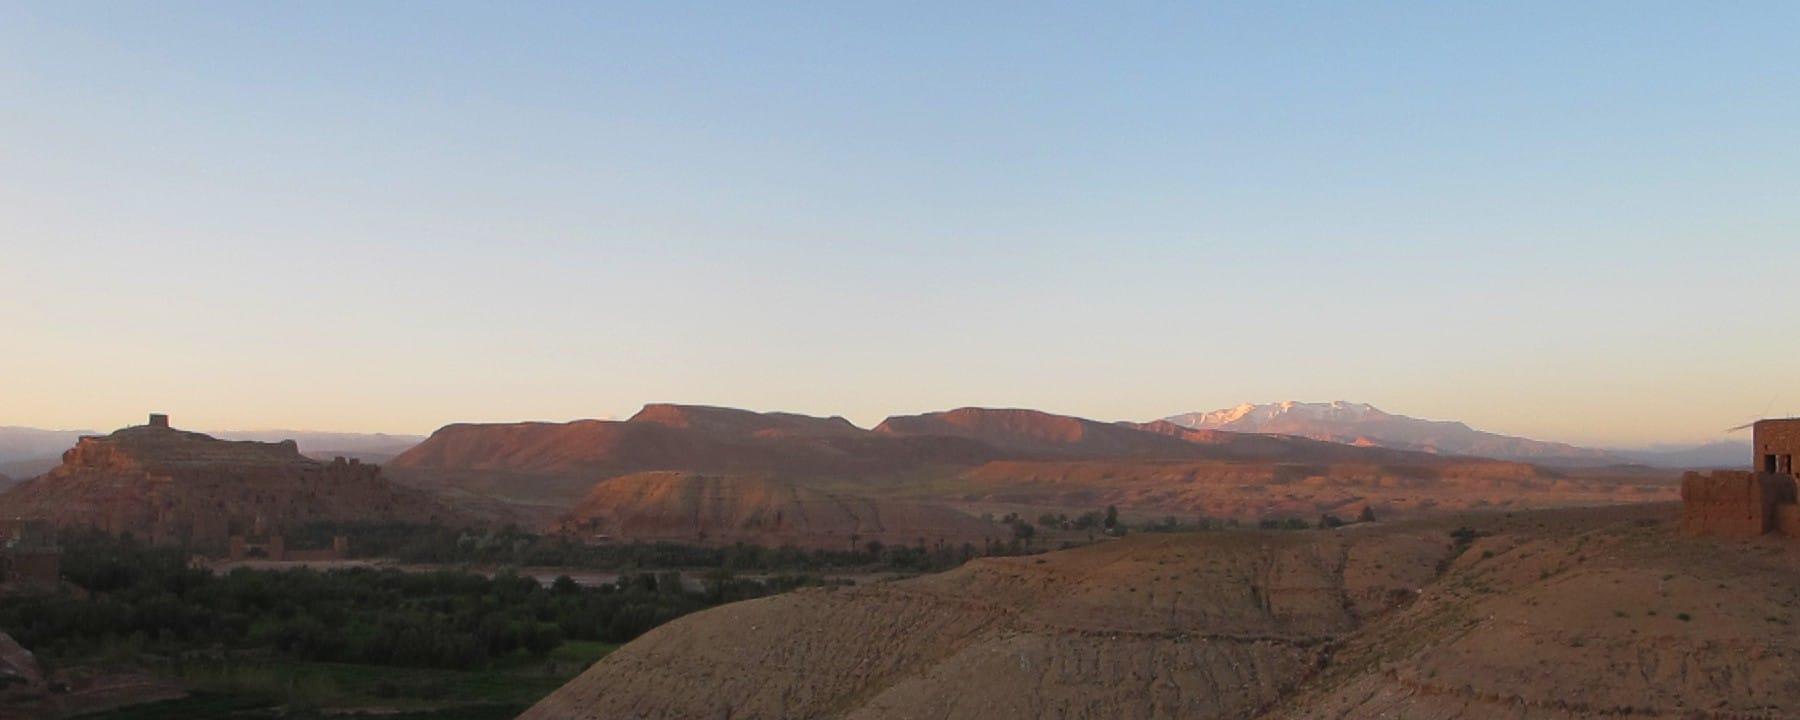 Ait Ben Haddou Morocco_Source NOSADE